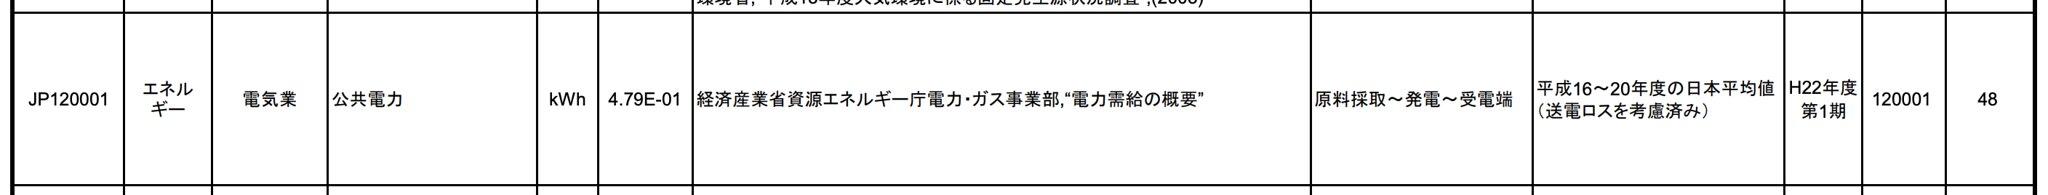 スクリーンショット 2021-01-18 8.46.57